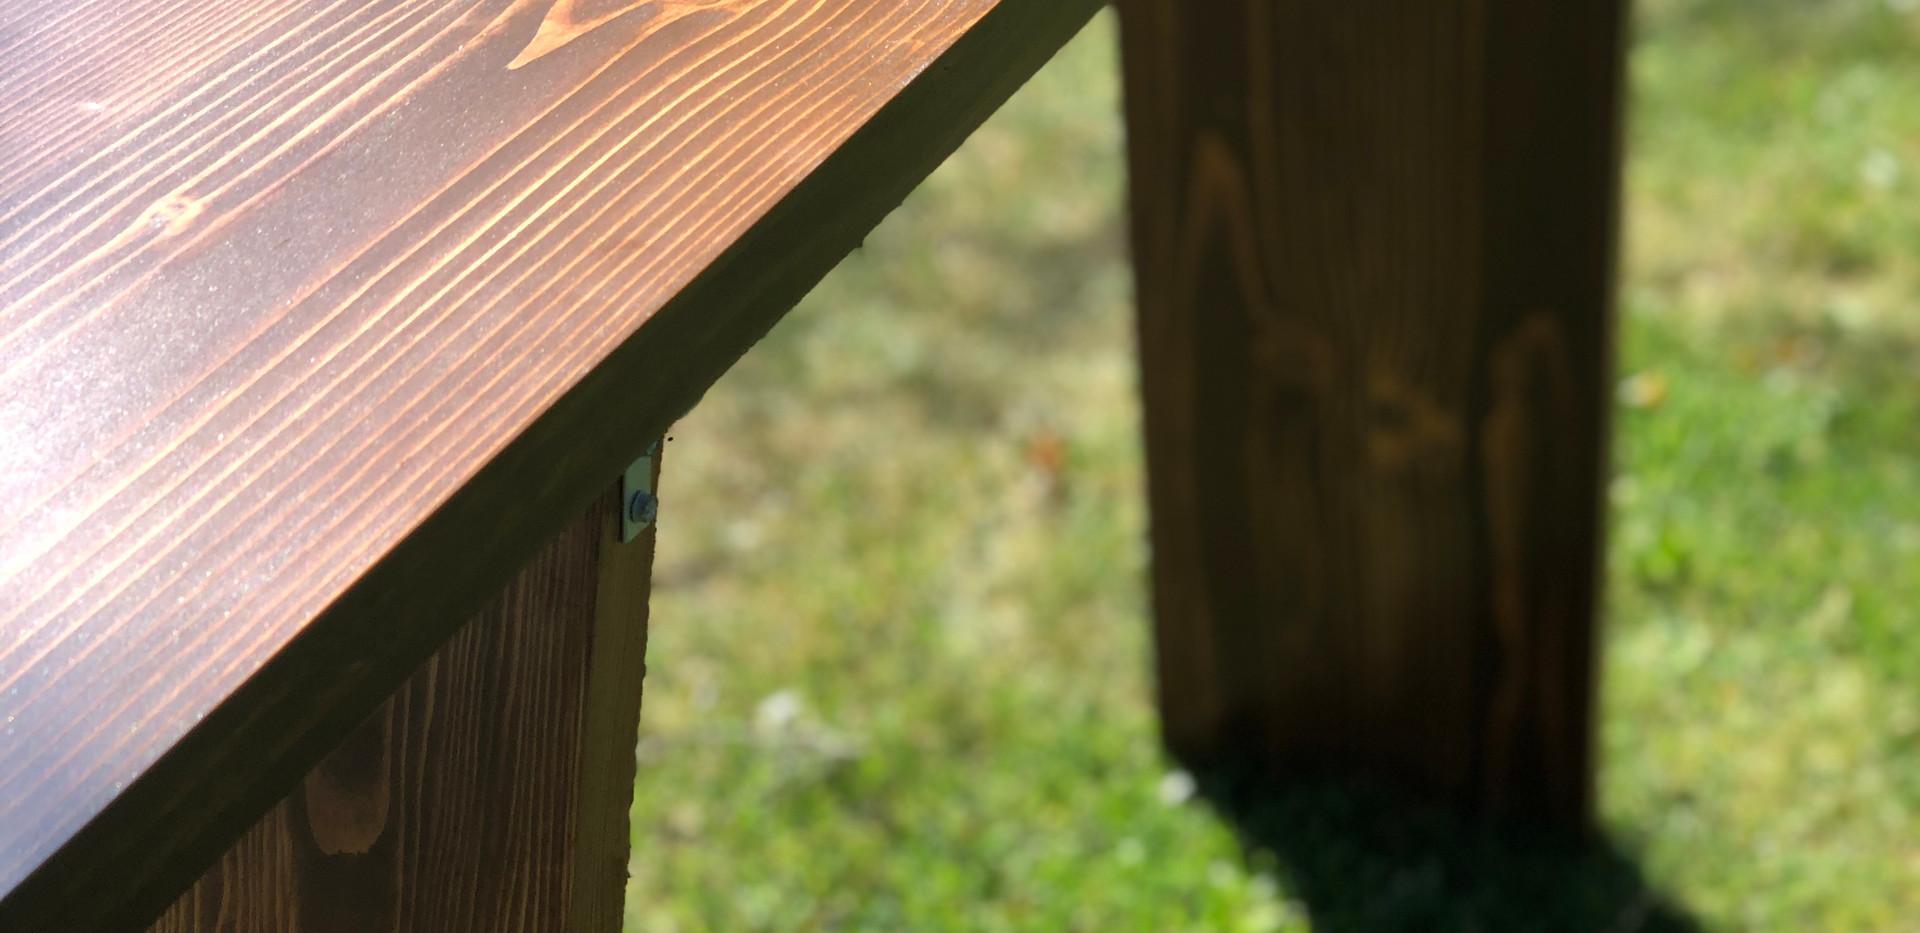 IMG_5Proa Farmhouse Entryway Table412.jpeg